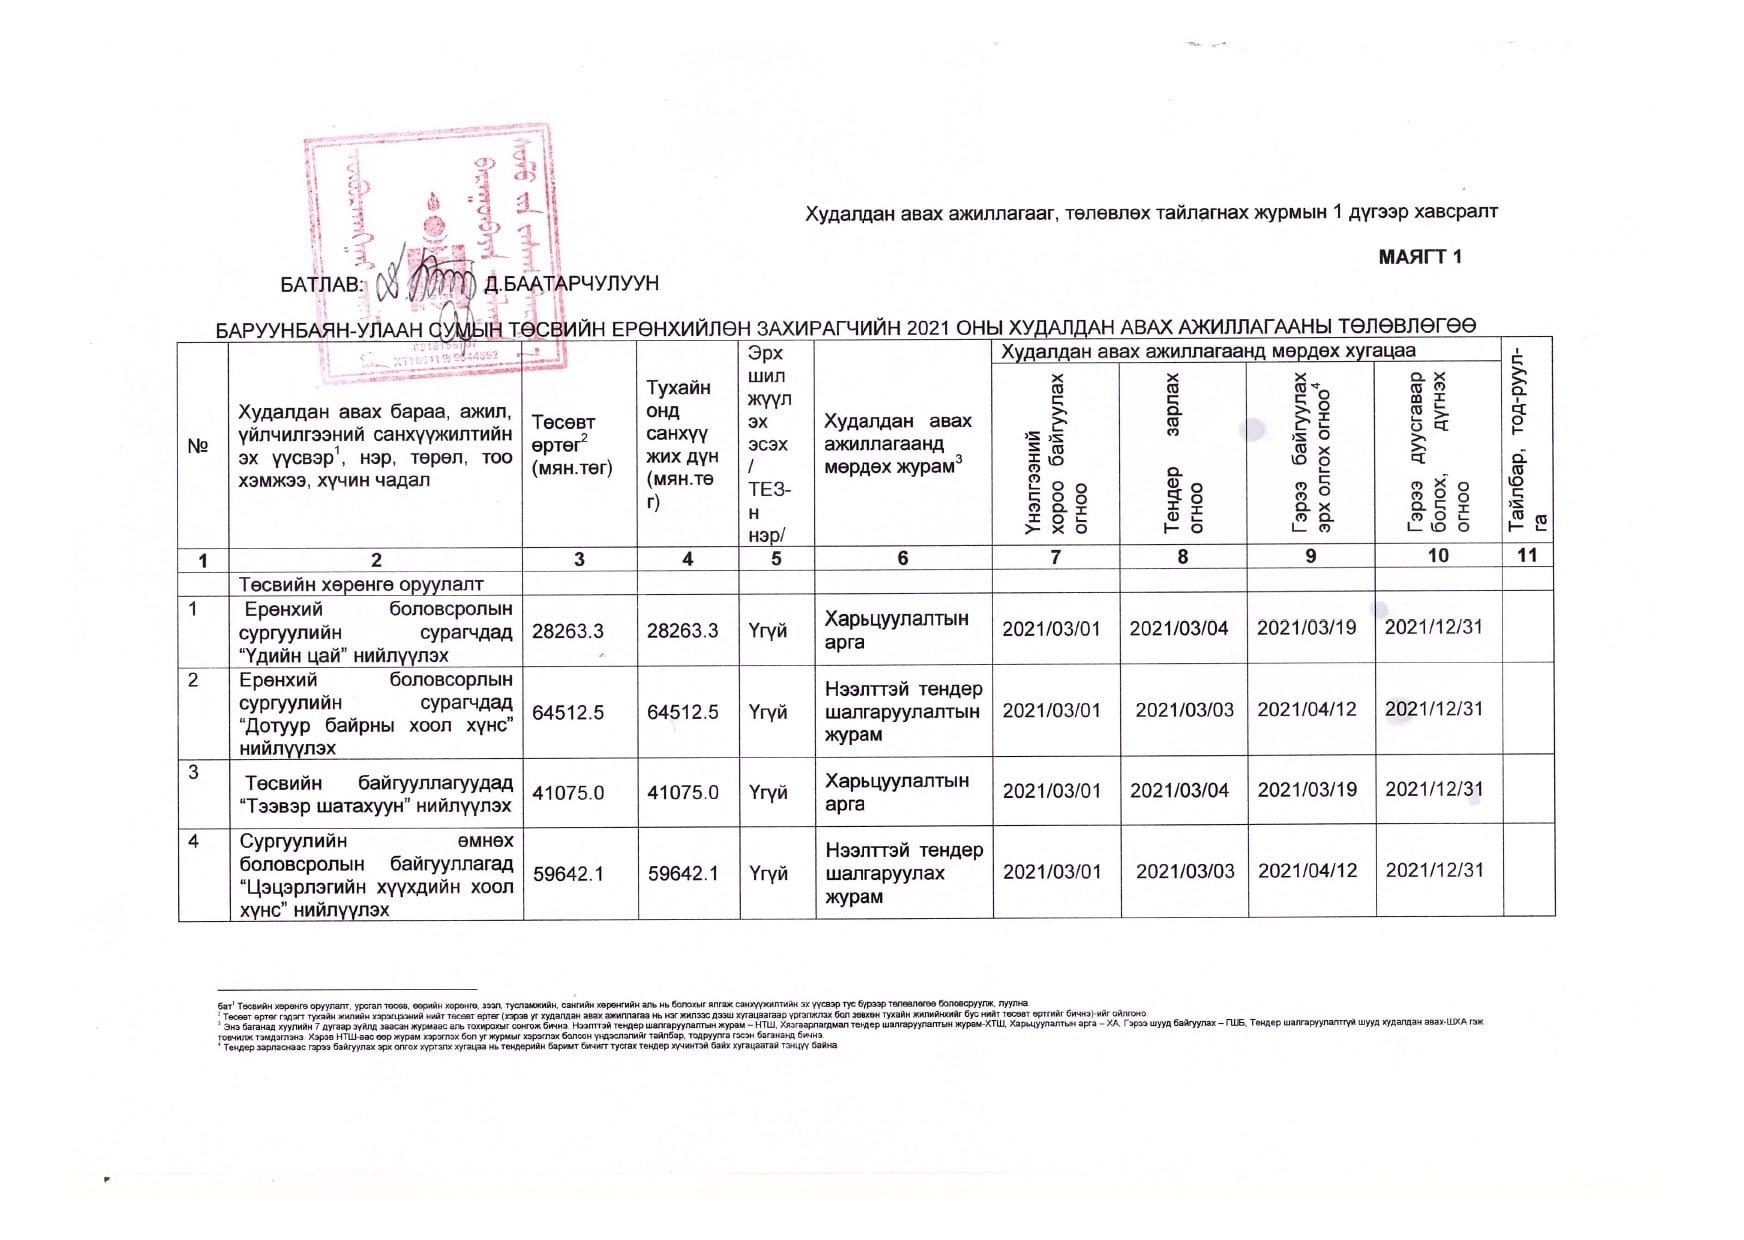 ББУлаан сумын төсвийн ерөнхийлөн захирагчийн 2021 оны худалдан авах ажиллагааны төлөвлөгөө